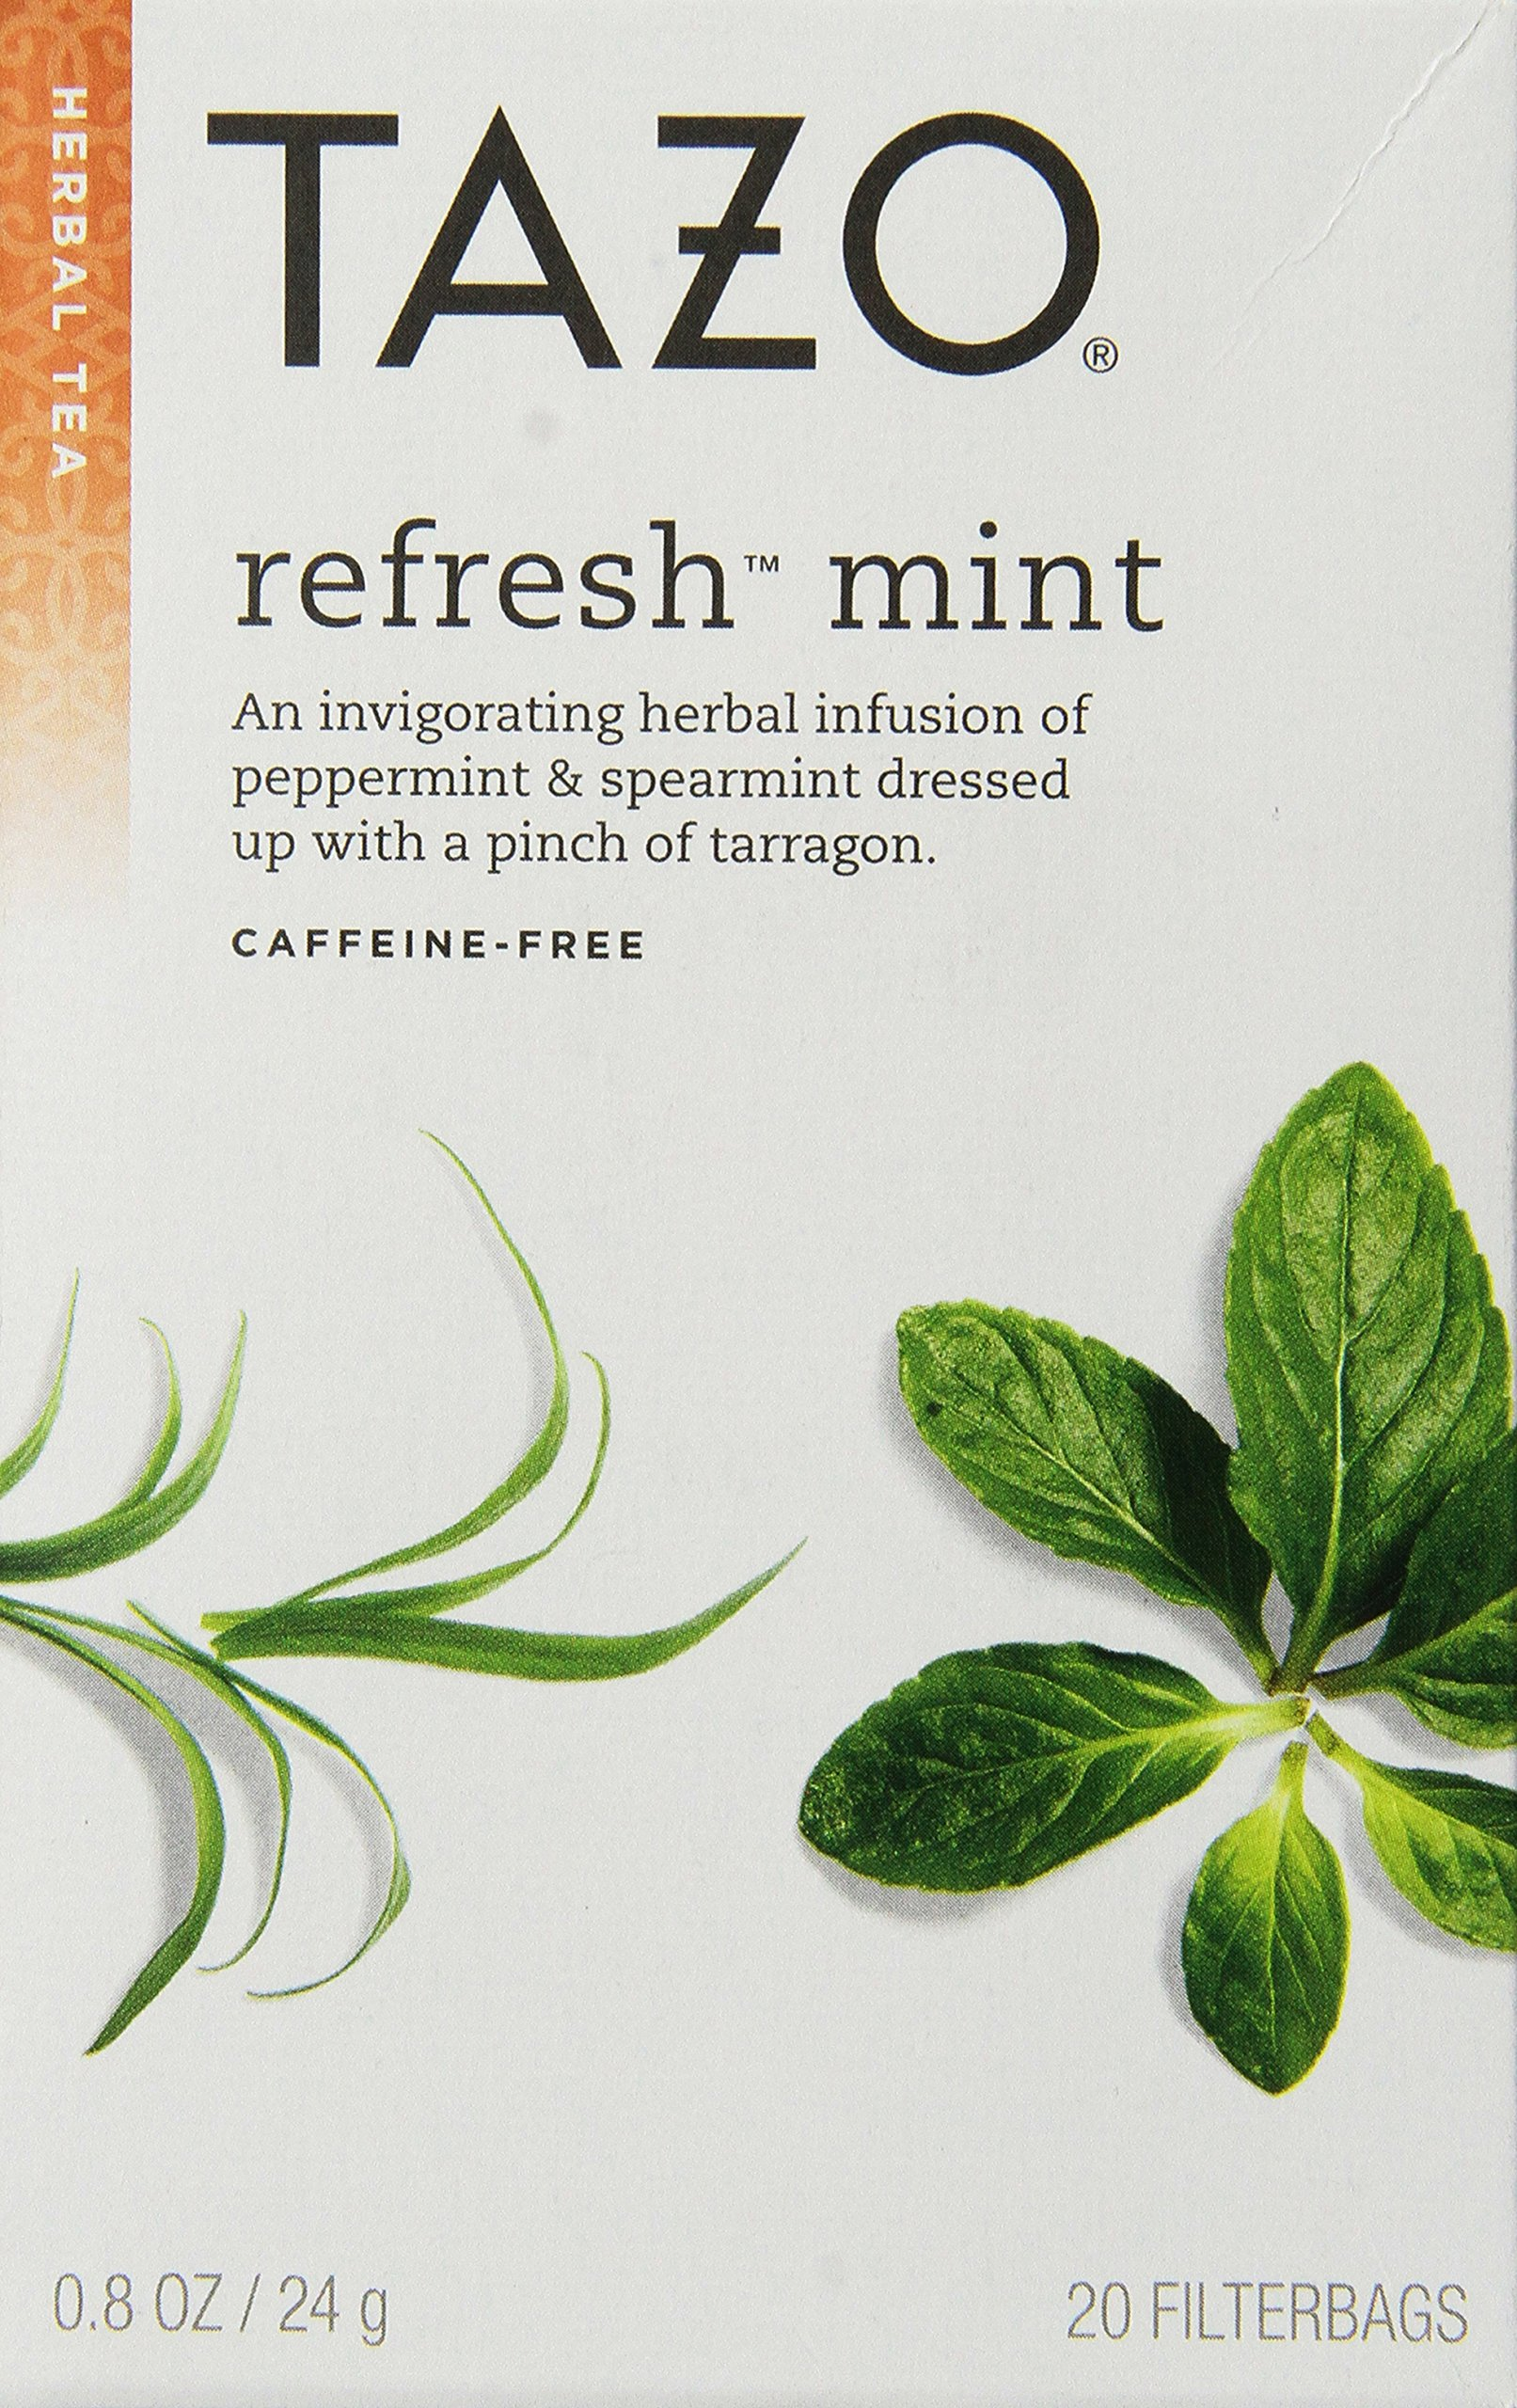 Tazo Tea Refresh Mint 0.8 oz/24g 20 filterbags